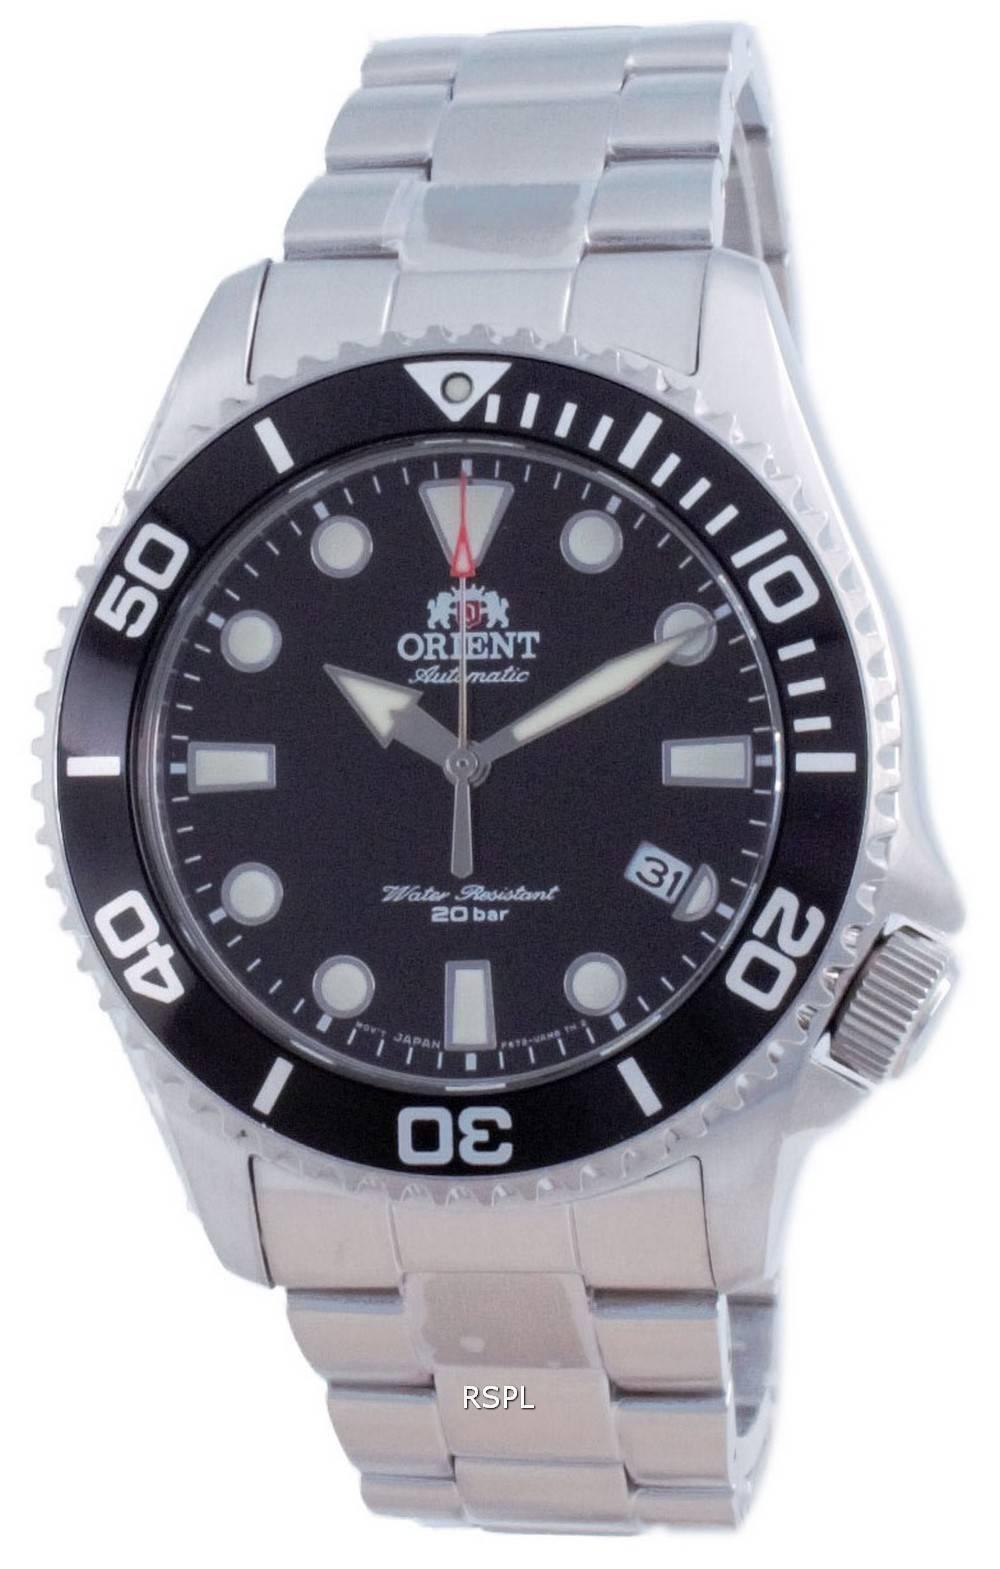 Orient 70-vuotispäivän automaattinen sukeltajan musta soittaa RA-AC0K01B00C 200M miesten kello